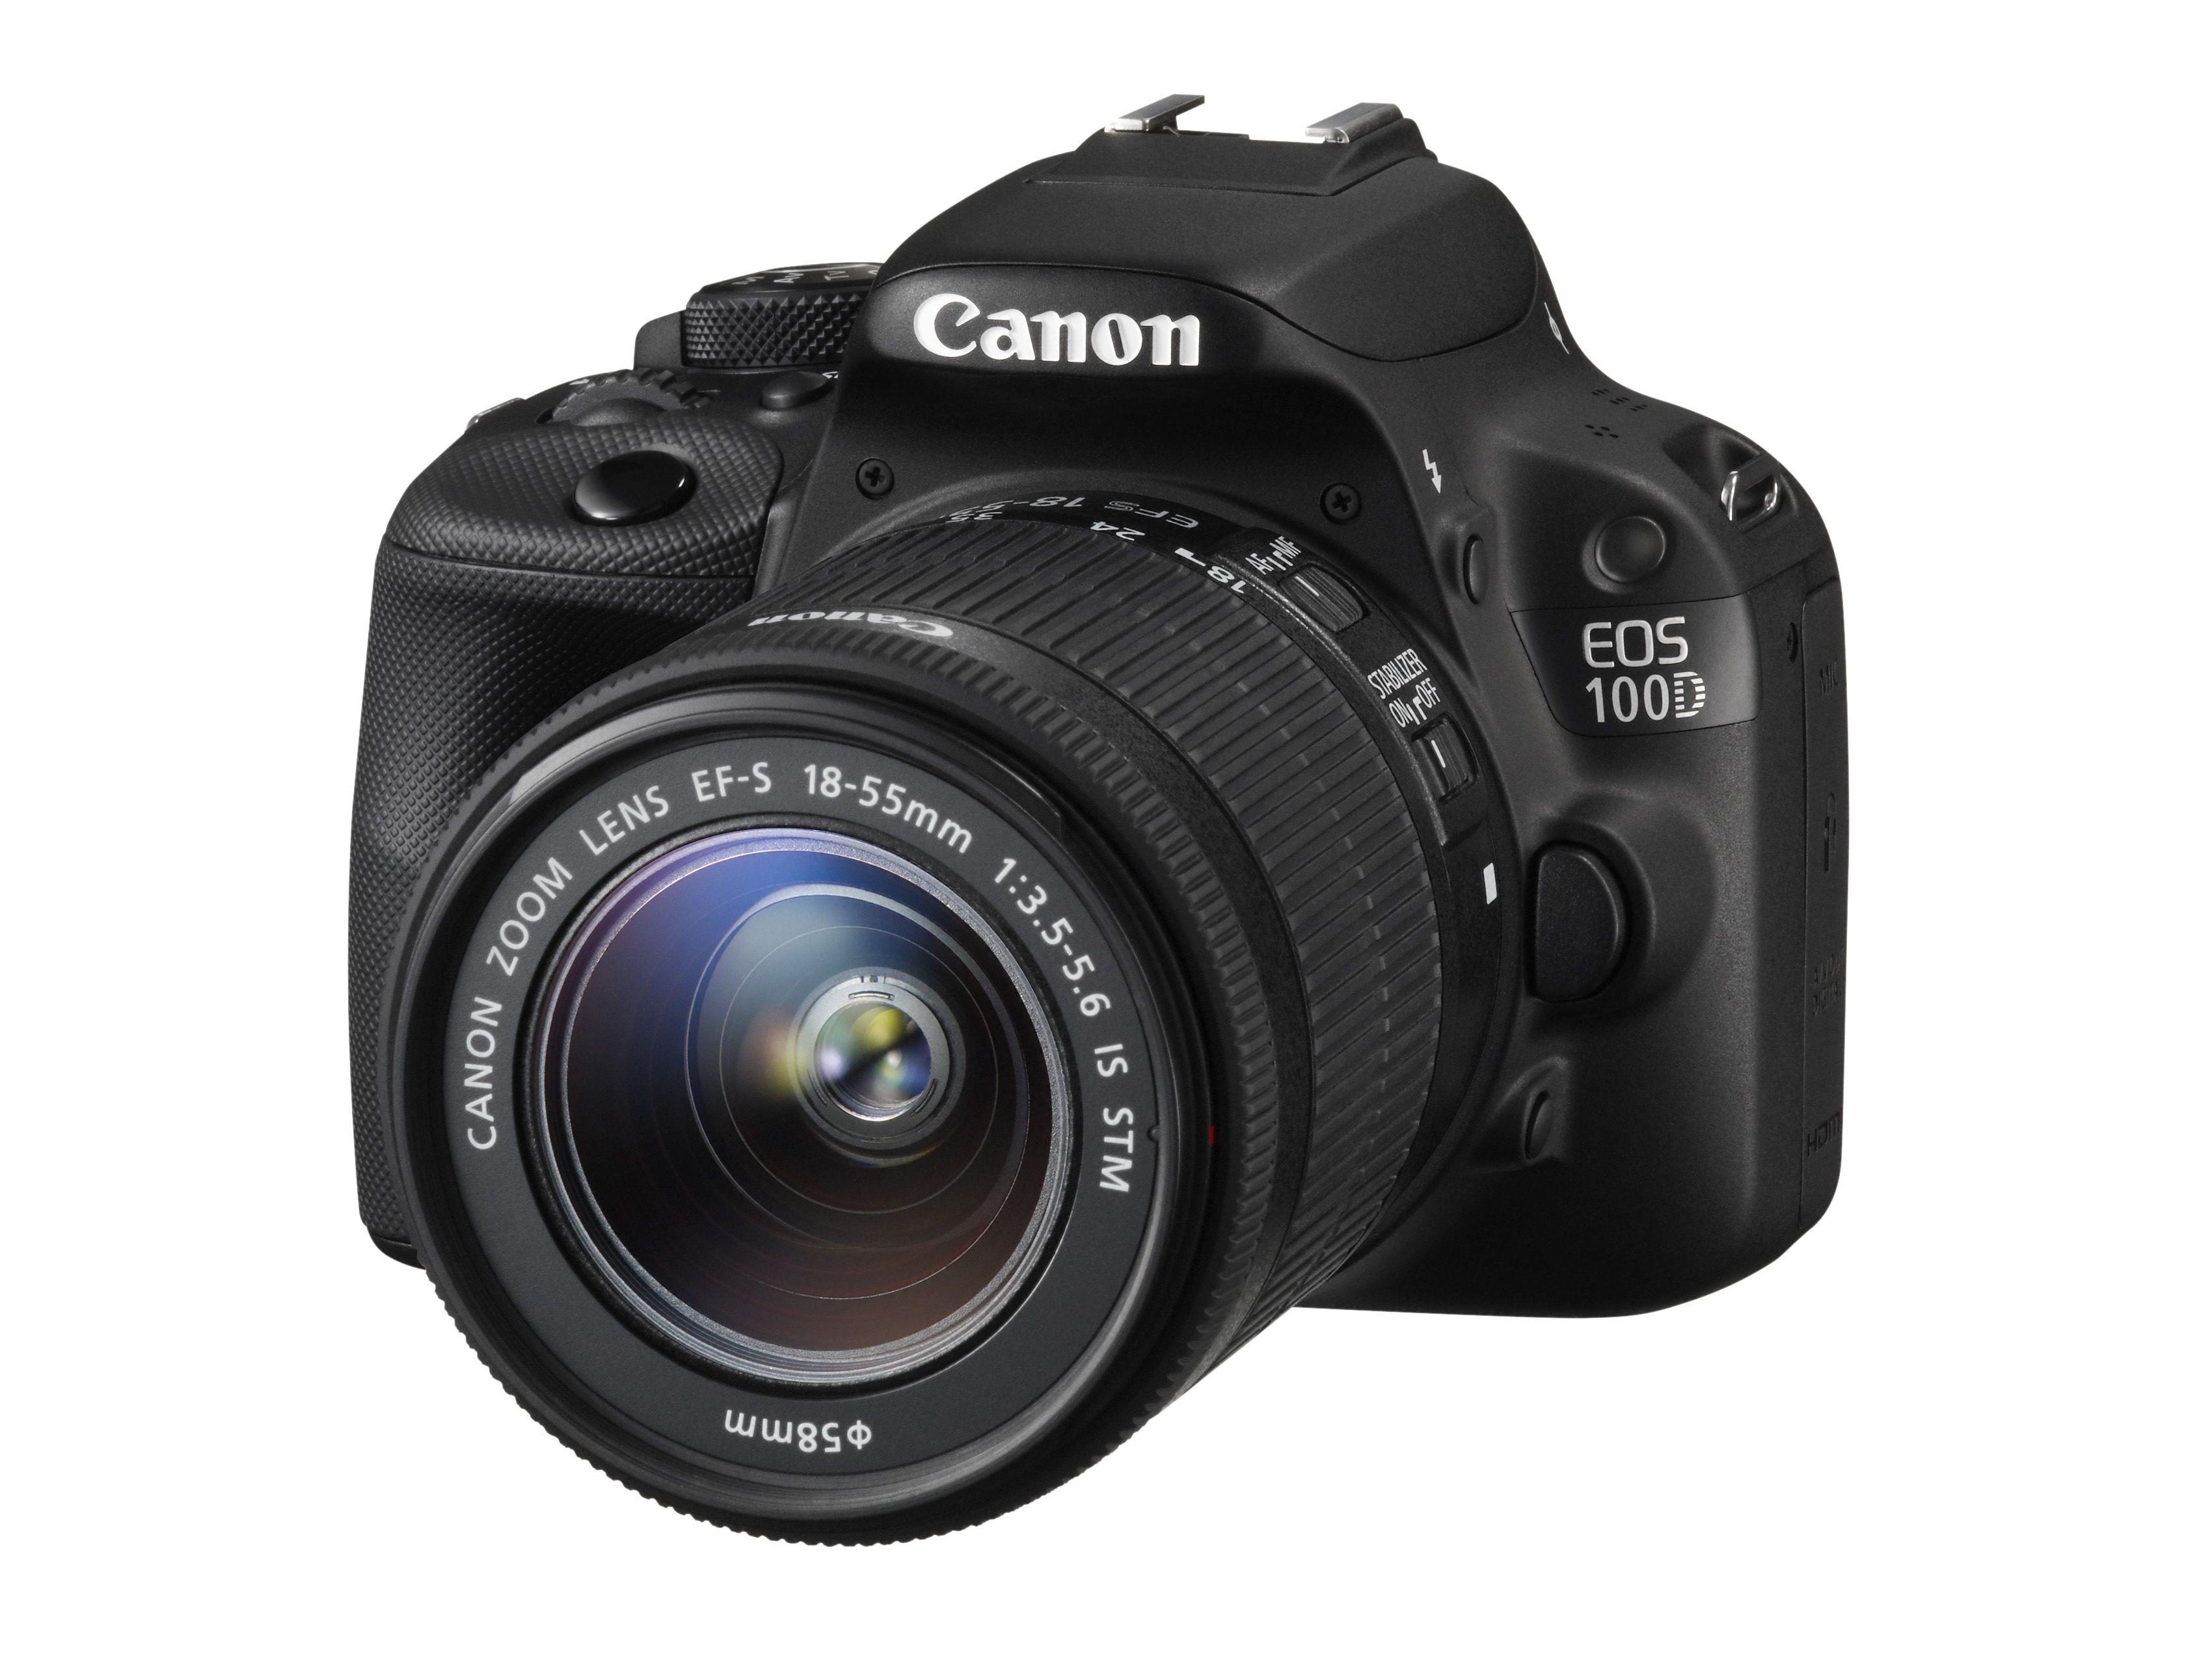 Canon EOS 100D. Foto: Paal Mork-Knutsen, Akam.no